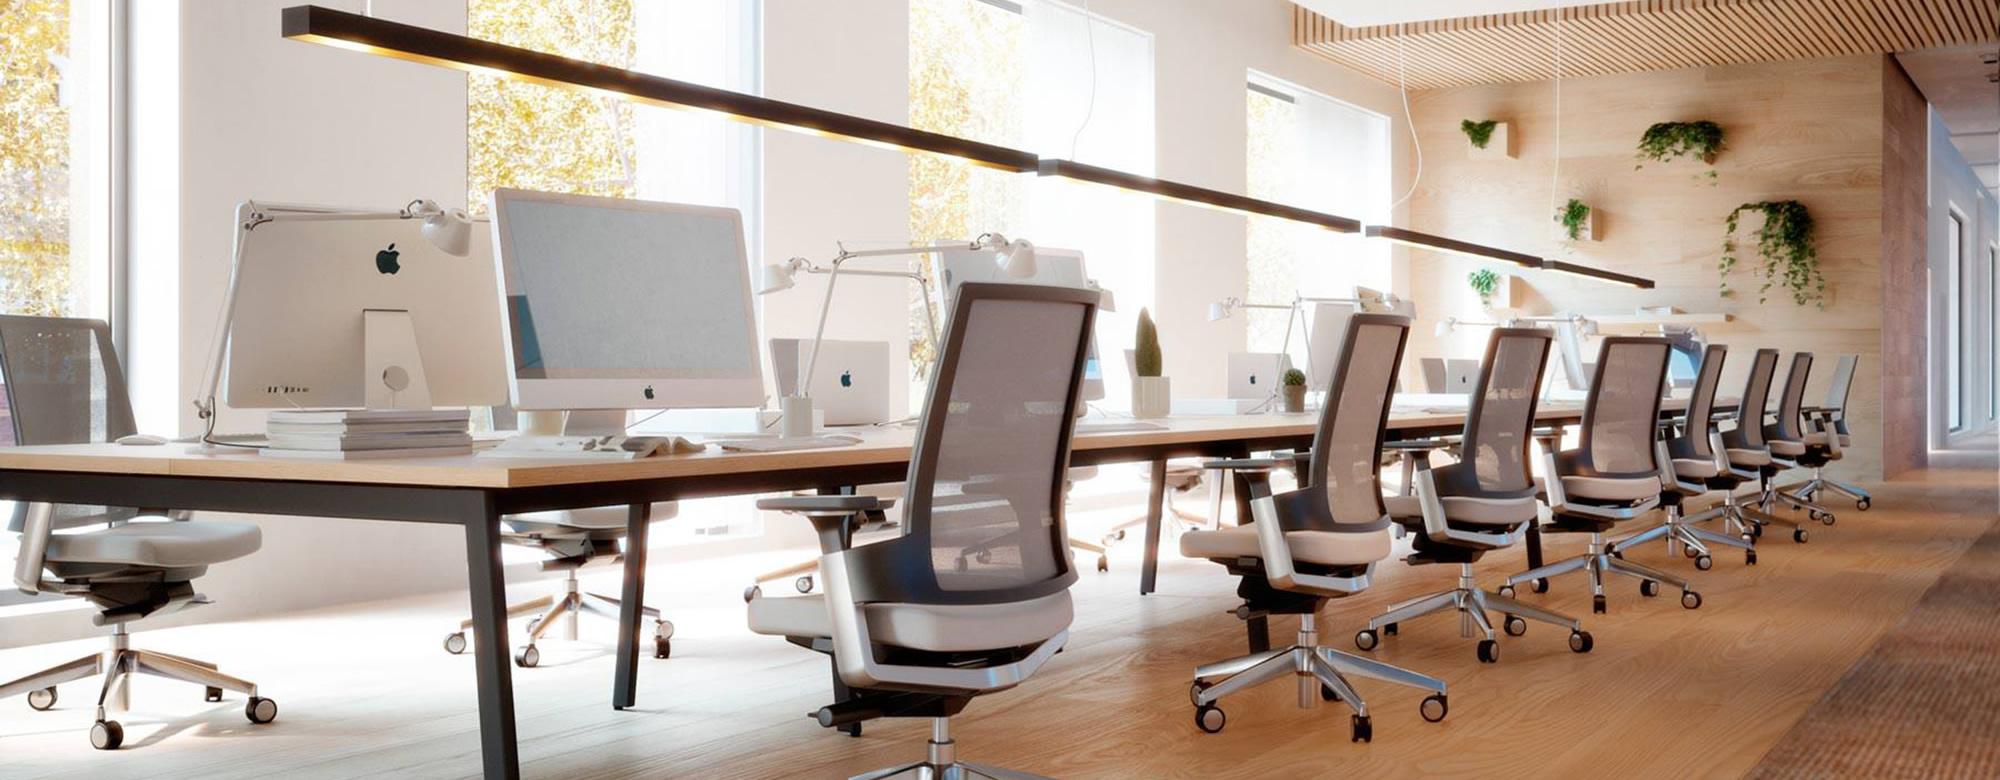 Muebles de oficina mesas de oficina y mobiliario de for Mobiliario de oficina malaga